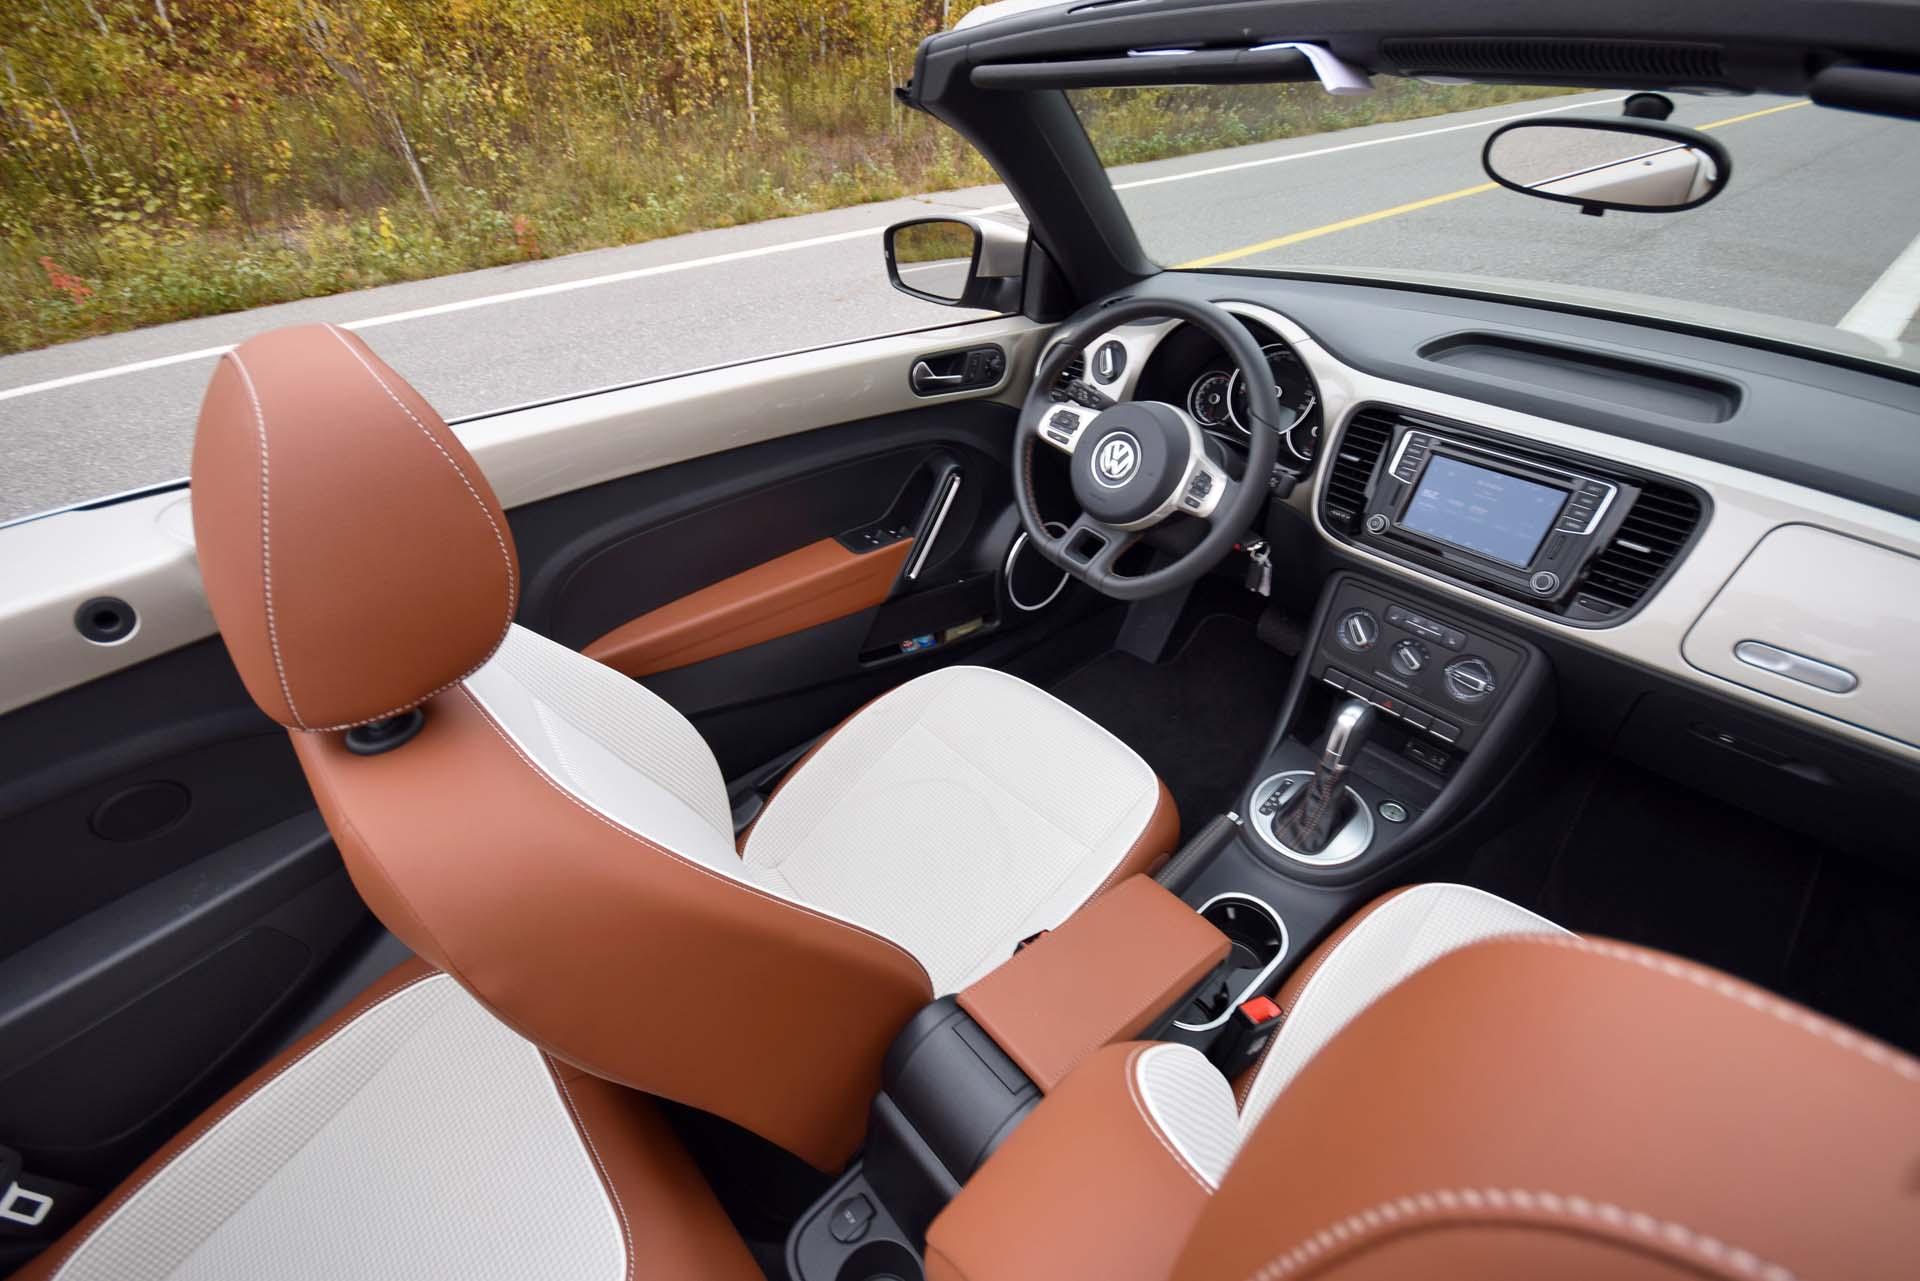 2016 Volkswagen Beetle Classic Convertible - Autos.ca